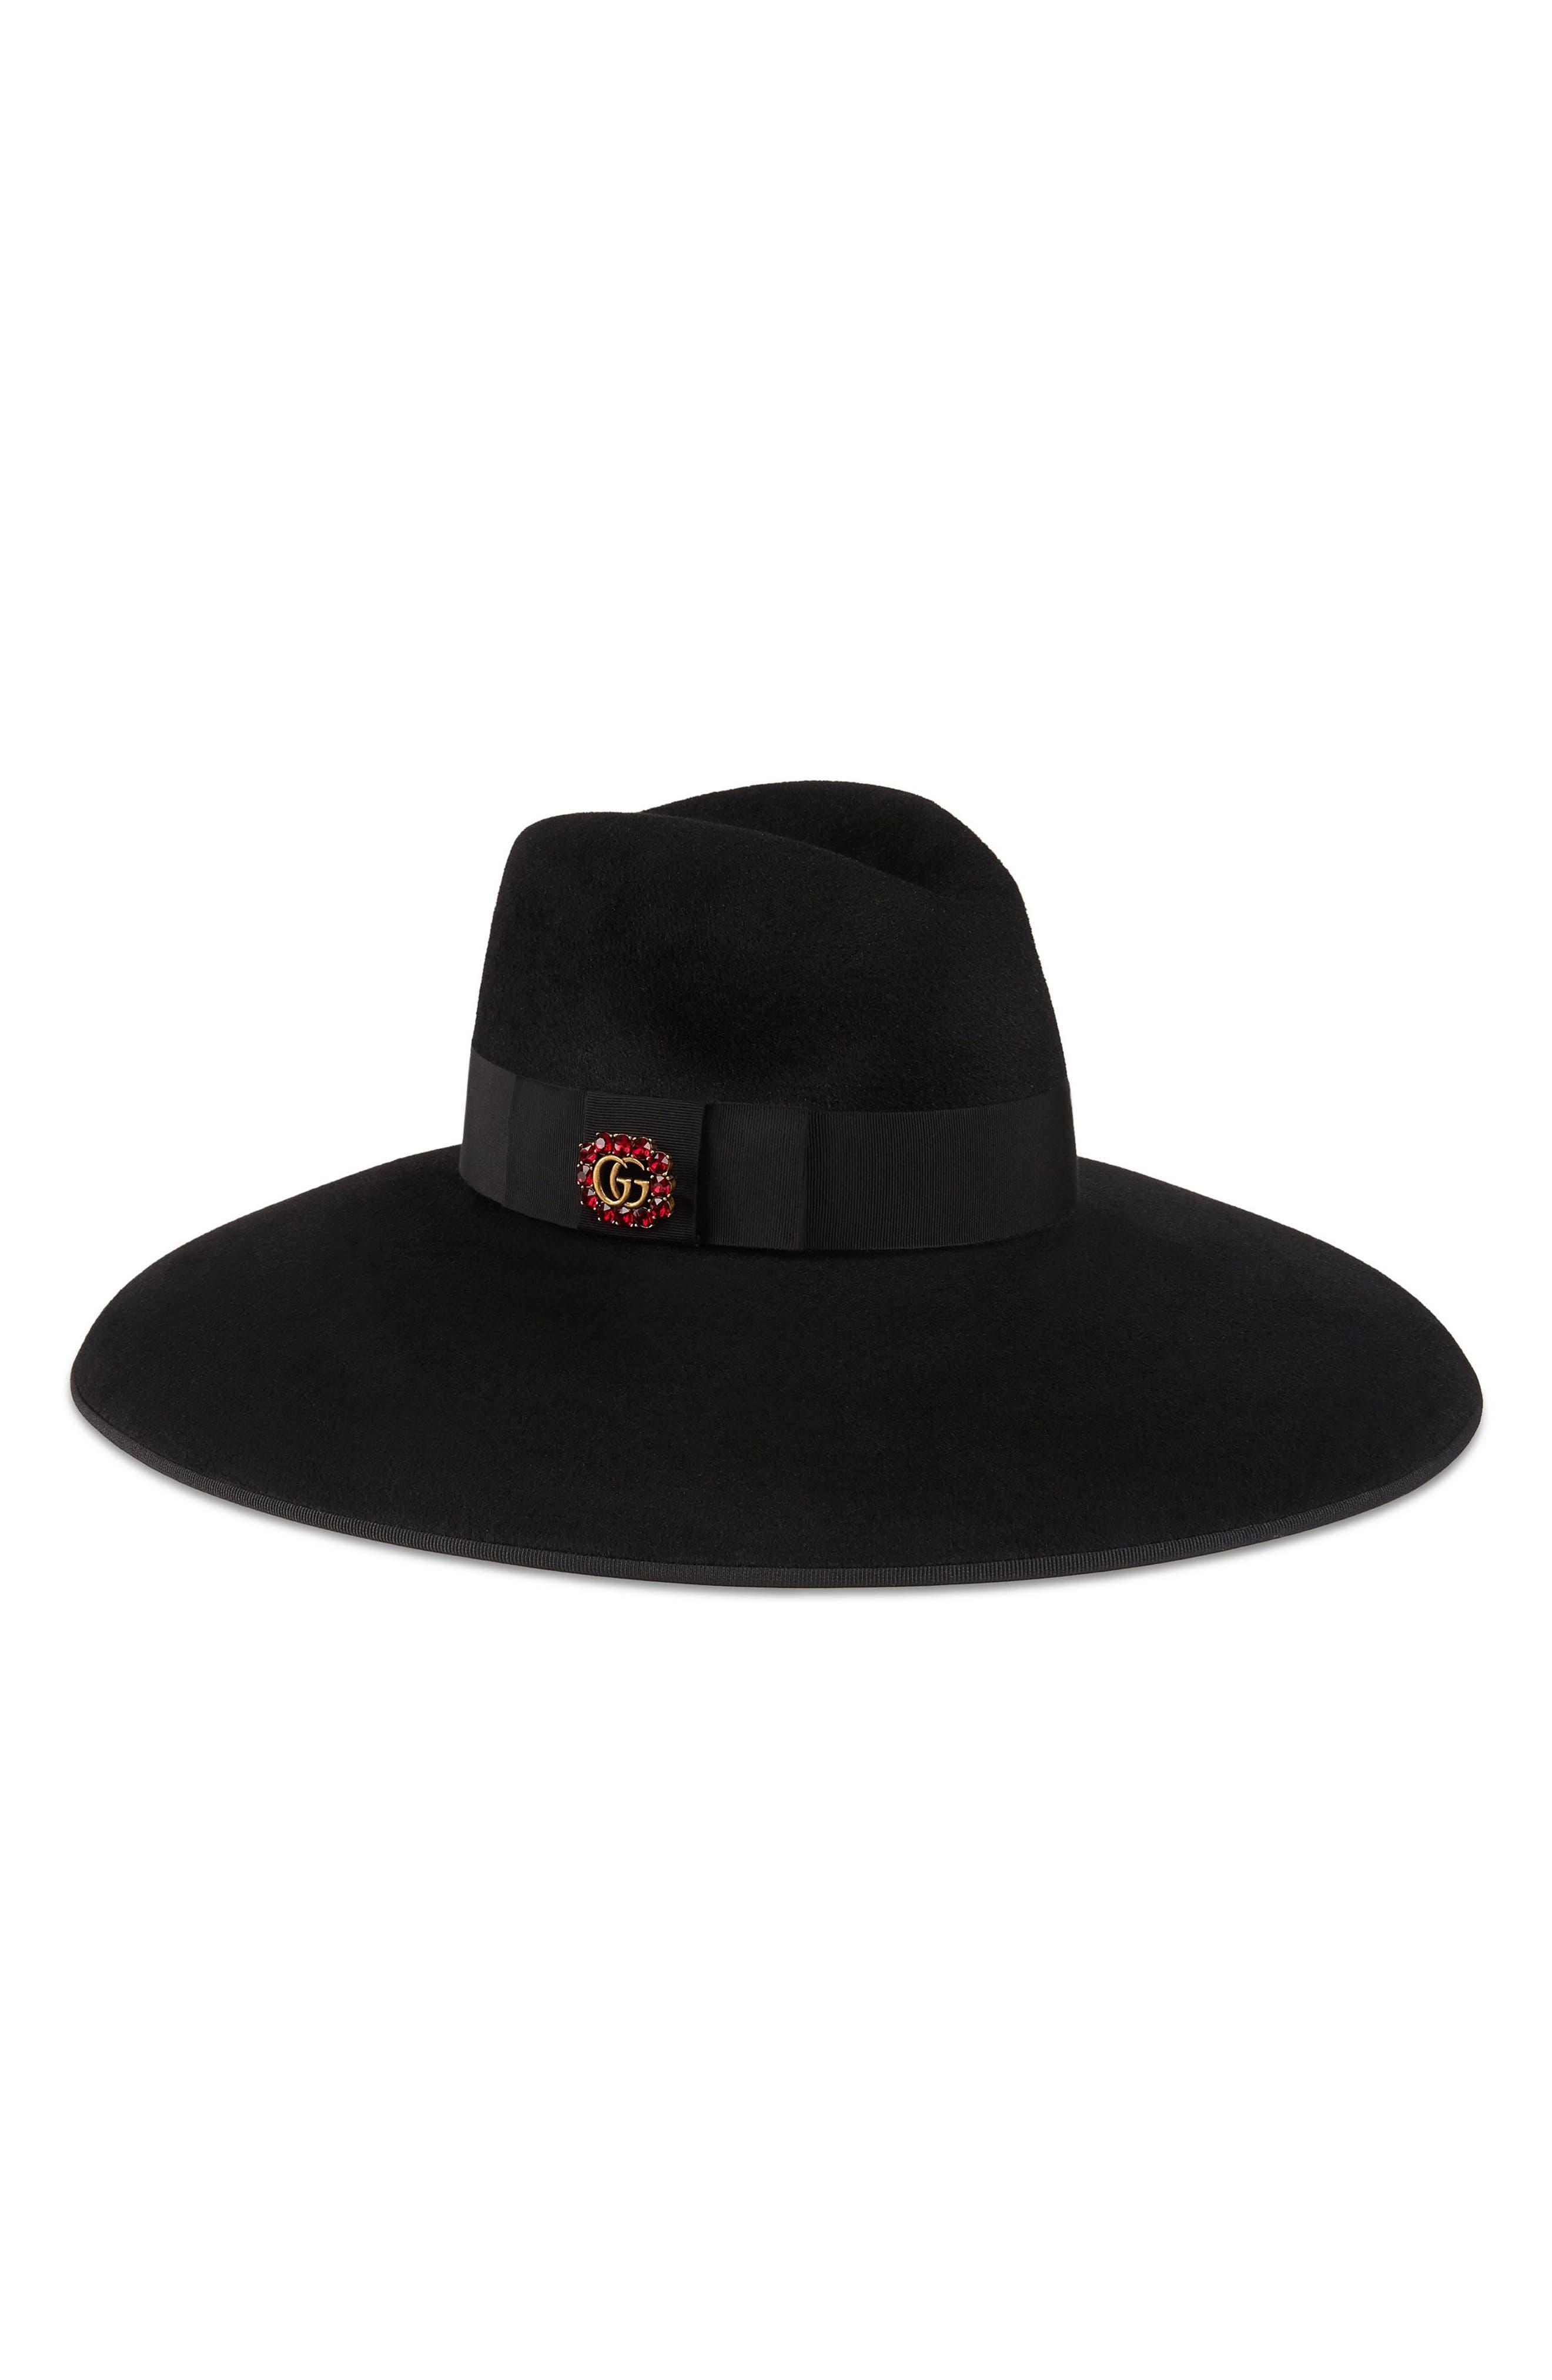 Fur Felt Wide Brim Hat,                             Main thumbnail 1, color,                             003